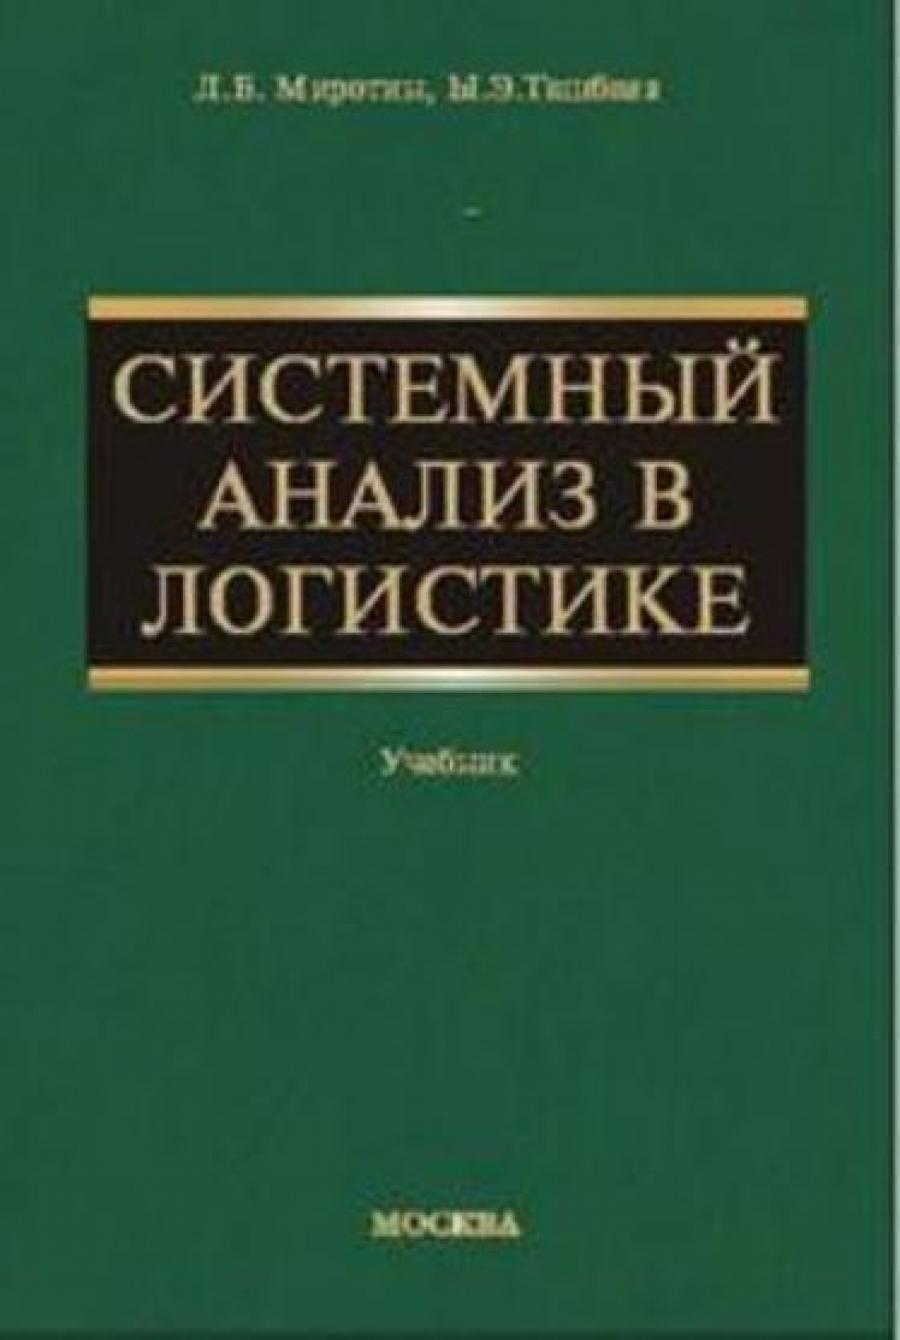 Обложка книги:  миротин л.б., ташбаев ы.э. - системный анализ в логистике